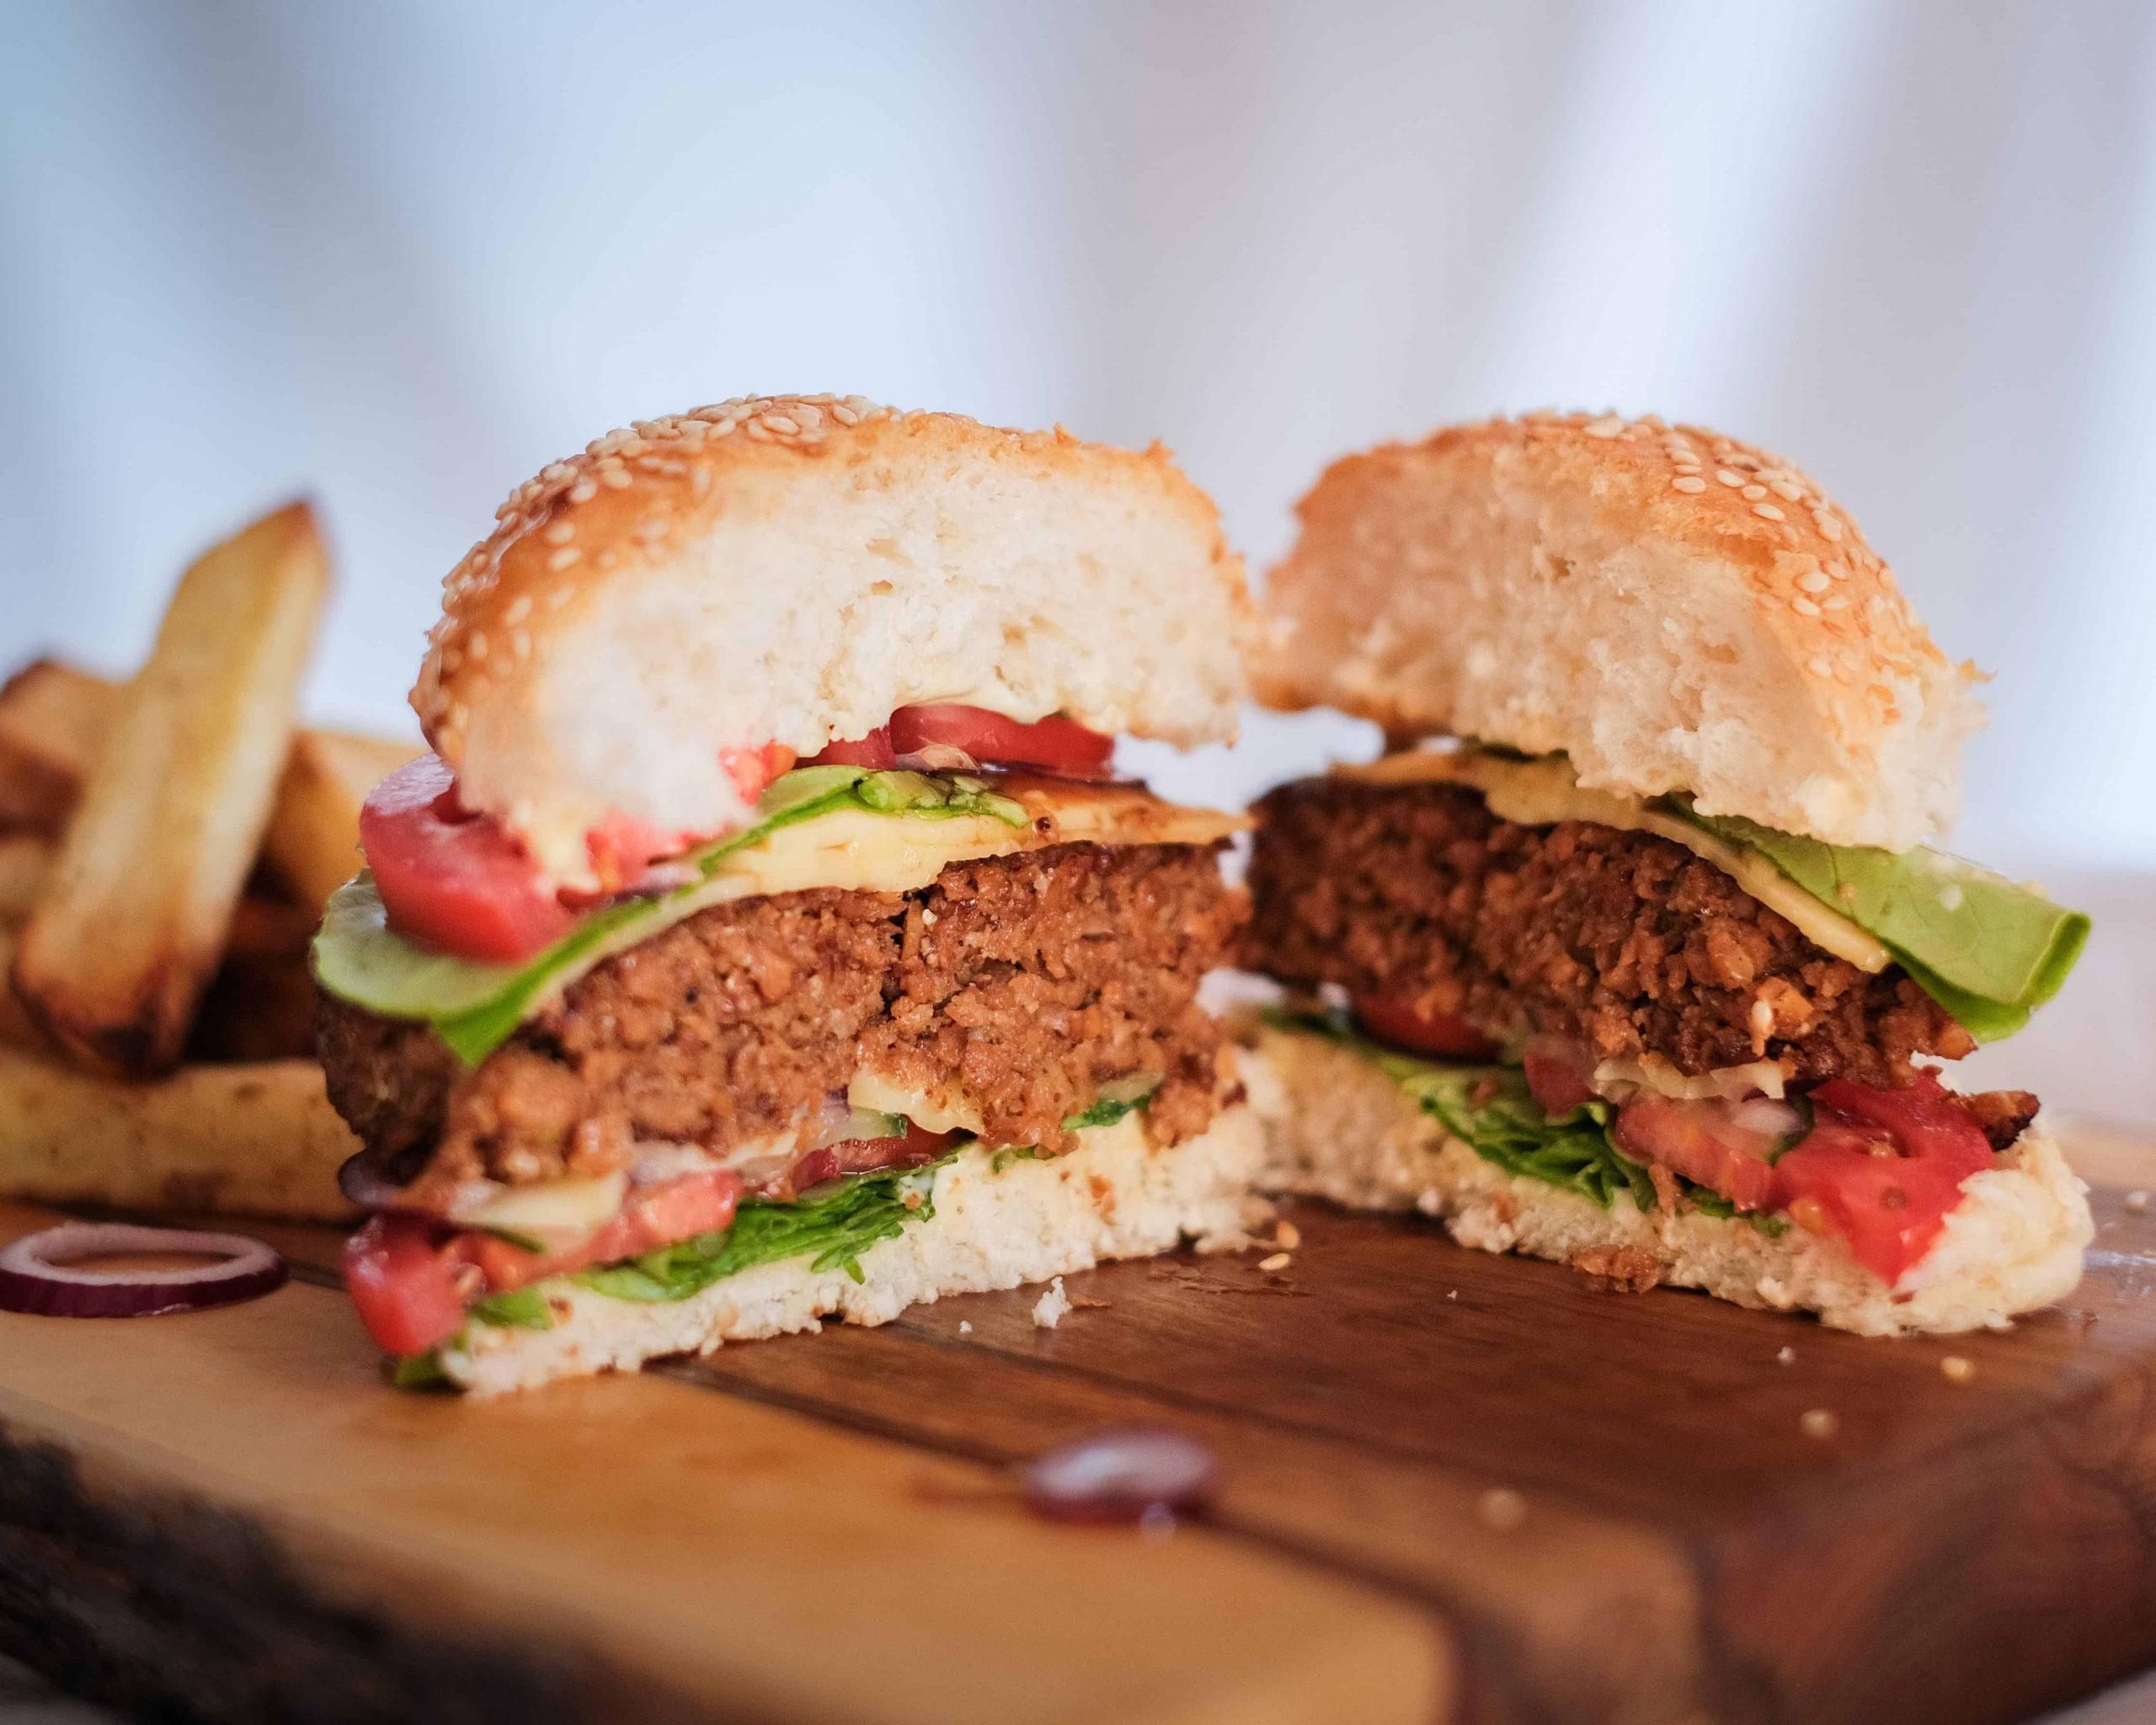 Soya Mince Hamburger cut in half.